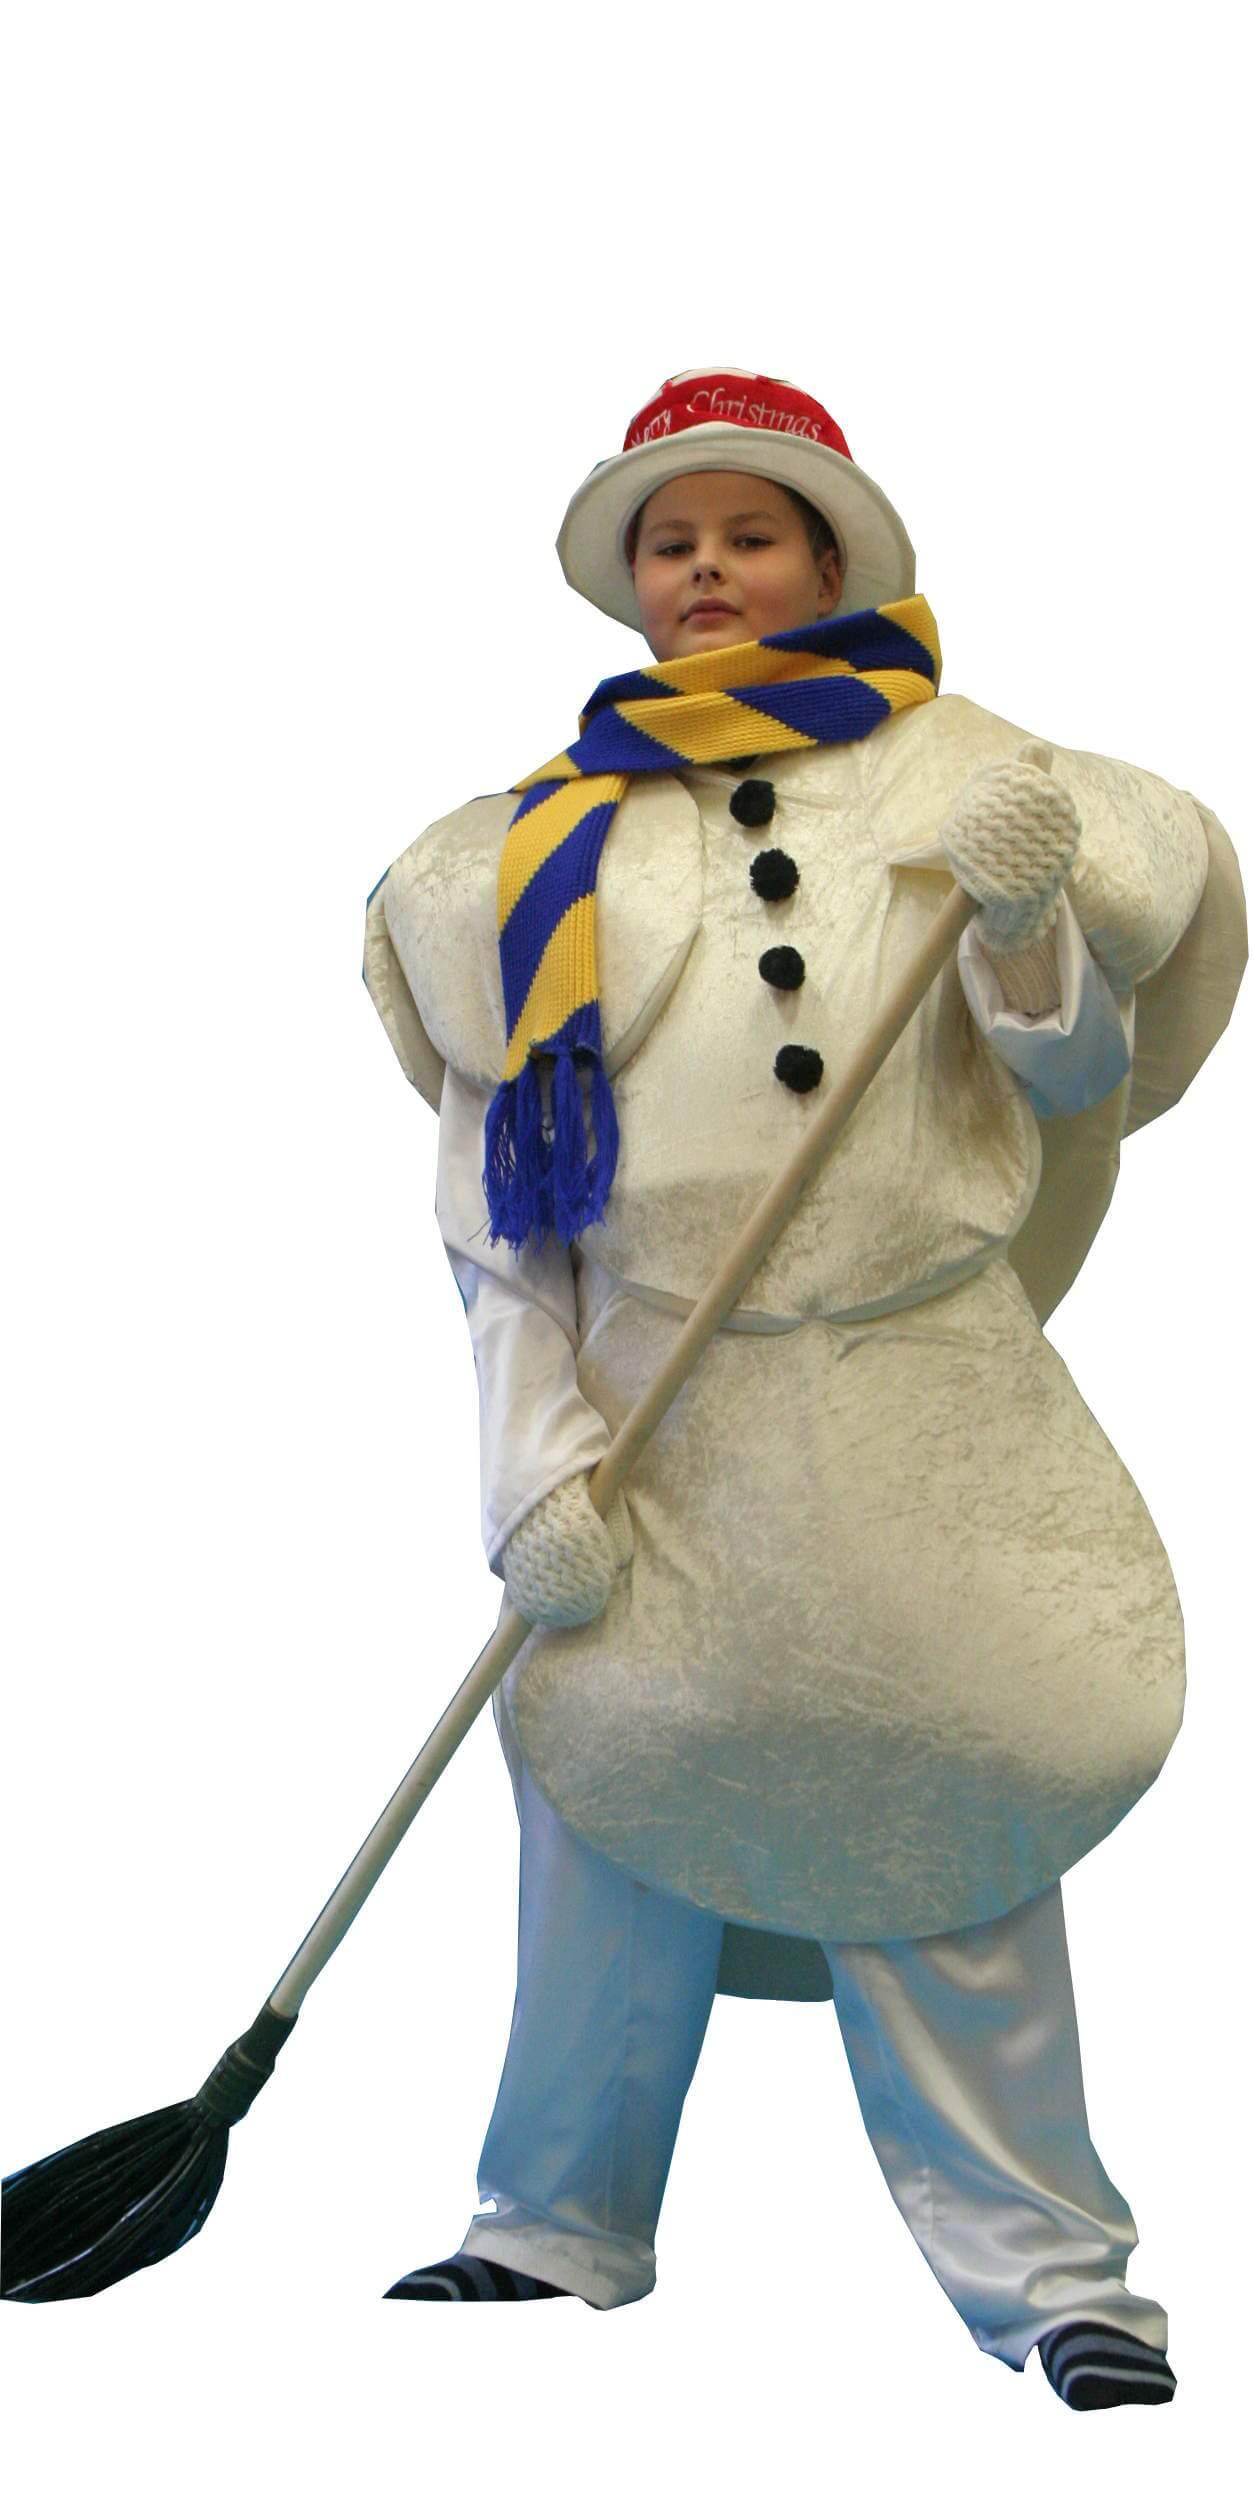 Besmegenio kostiumas. Kalėdų karnavaliniai kostiumai. Karnavalinių kostiumų nuoma vaikams Vilniuje - pasakunamai.lt